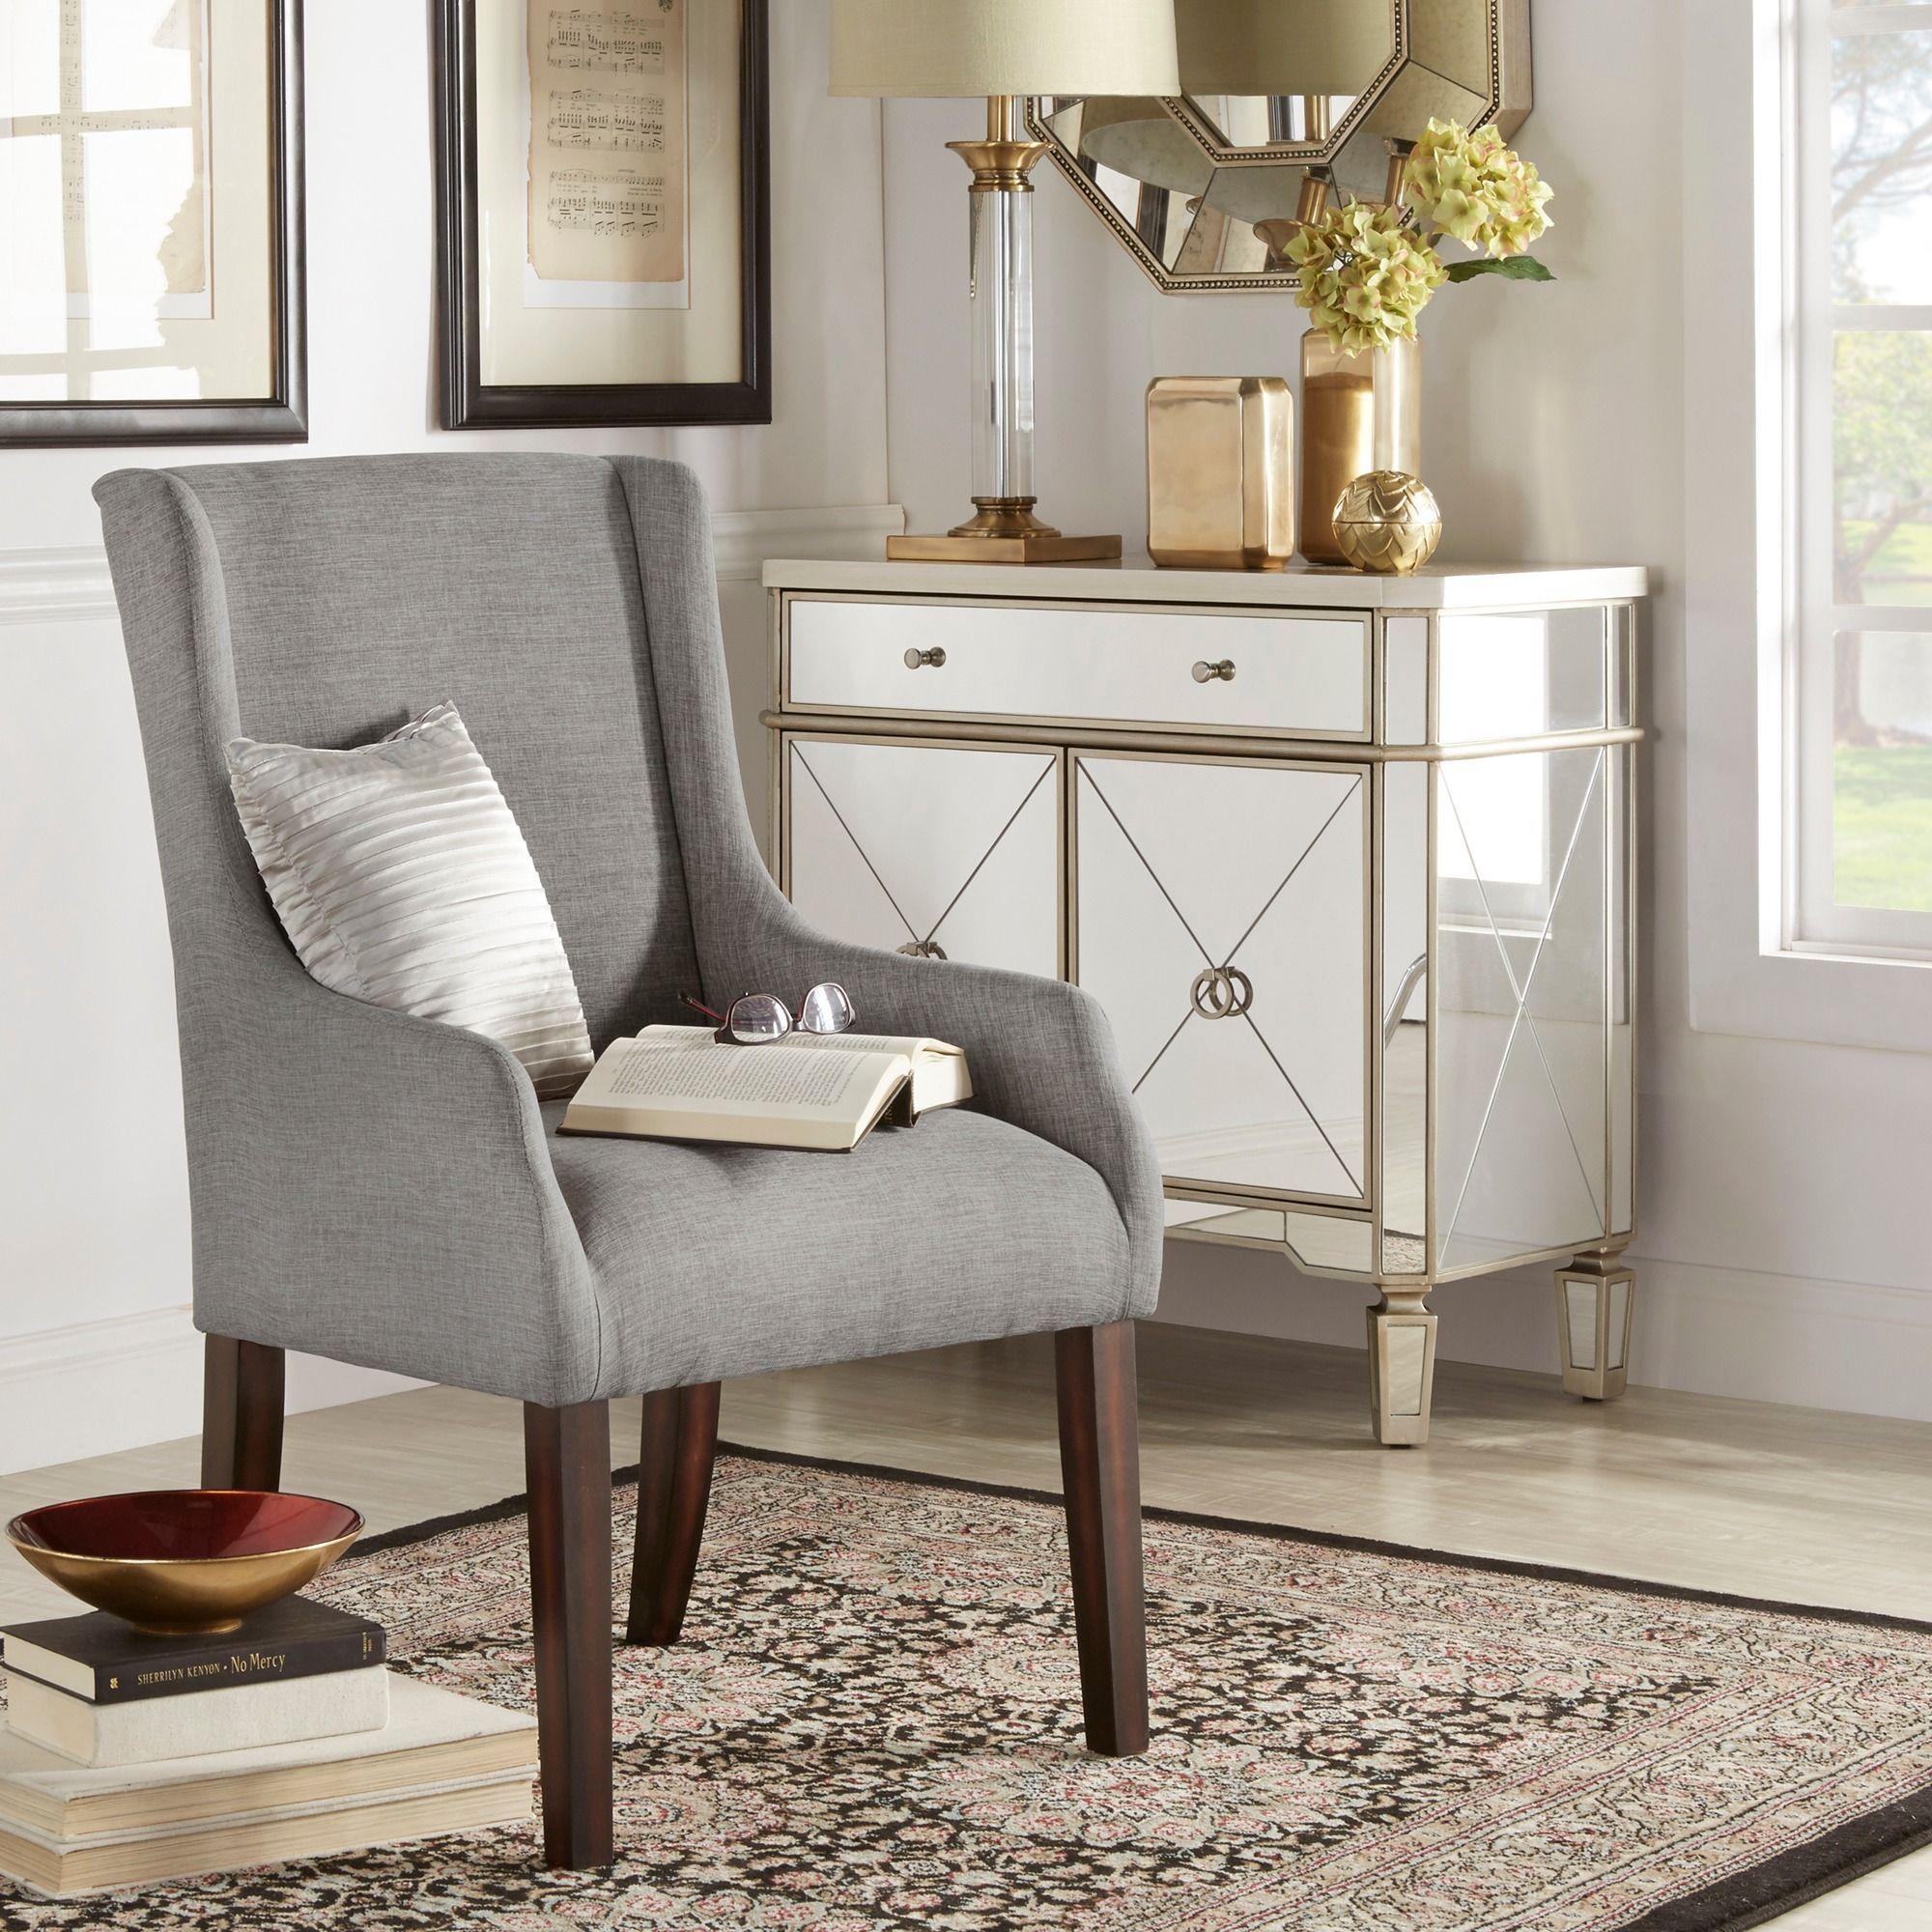 Inspire Q Jourdan Linen Sloped Arm Hostess Chair (Gray Linen), Grey